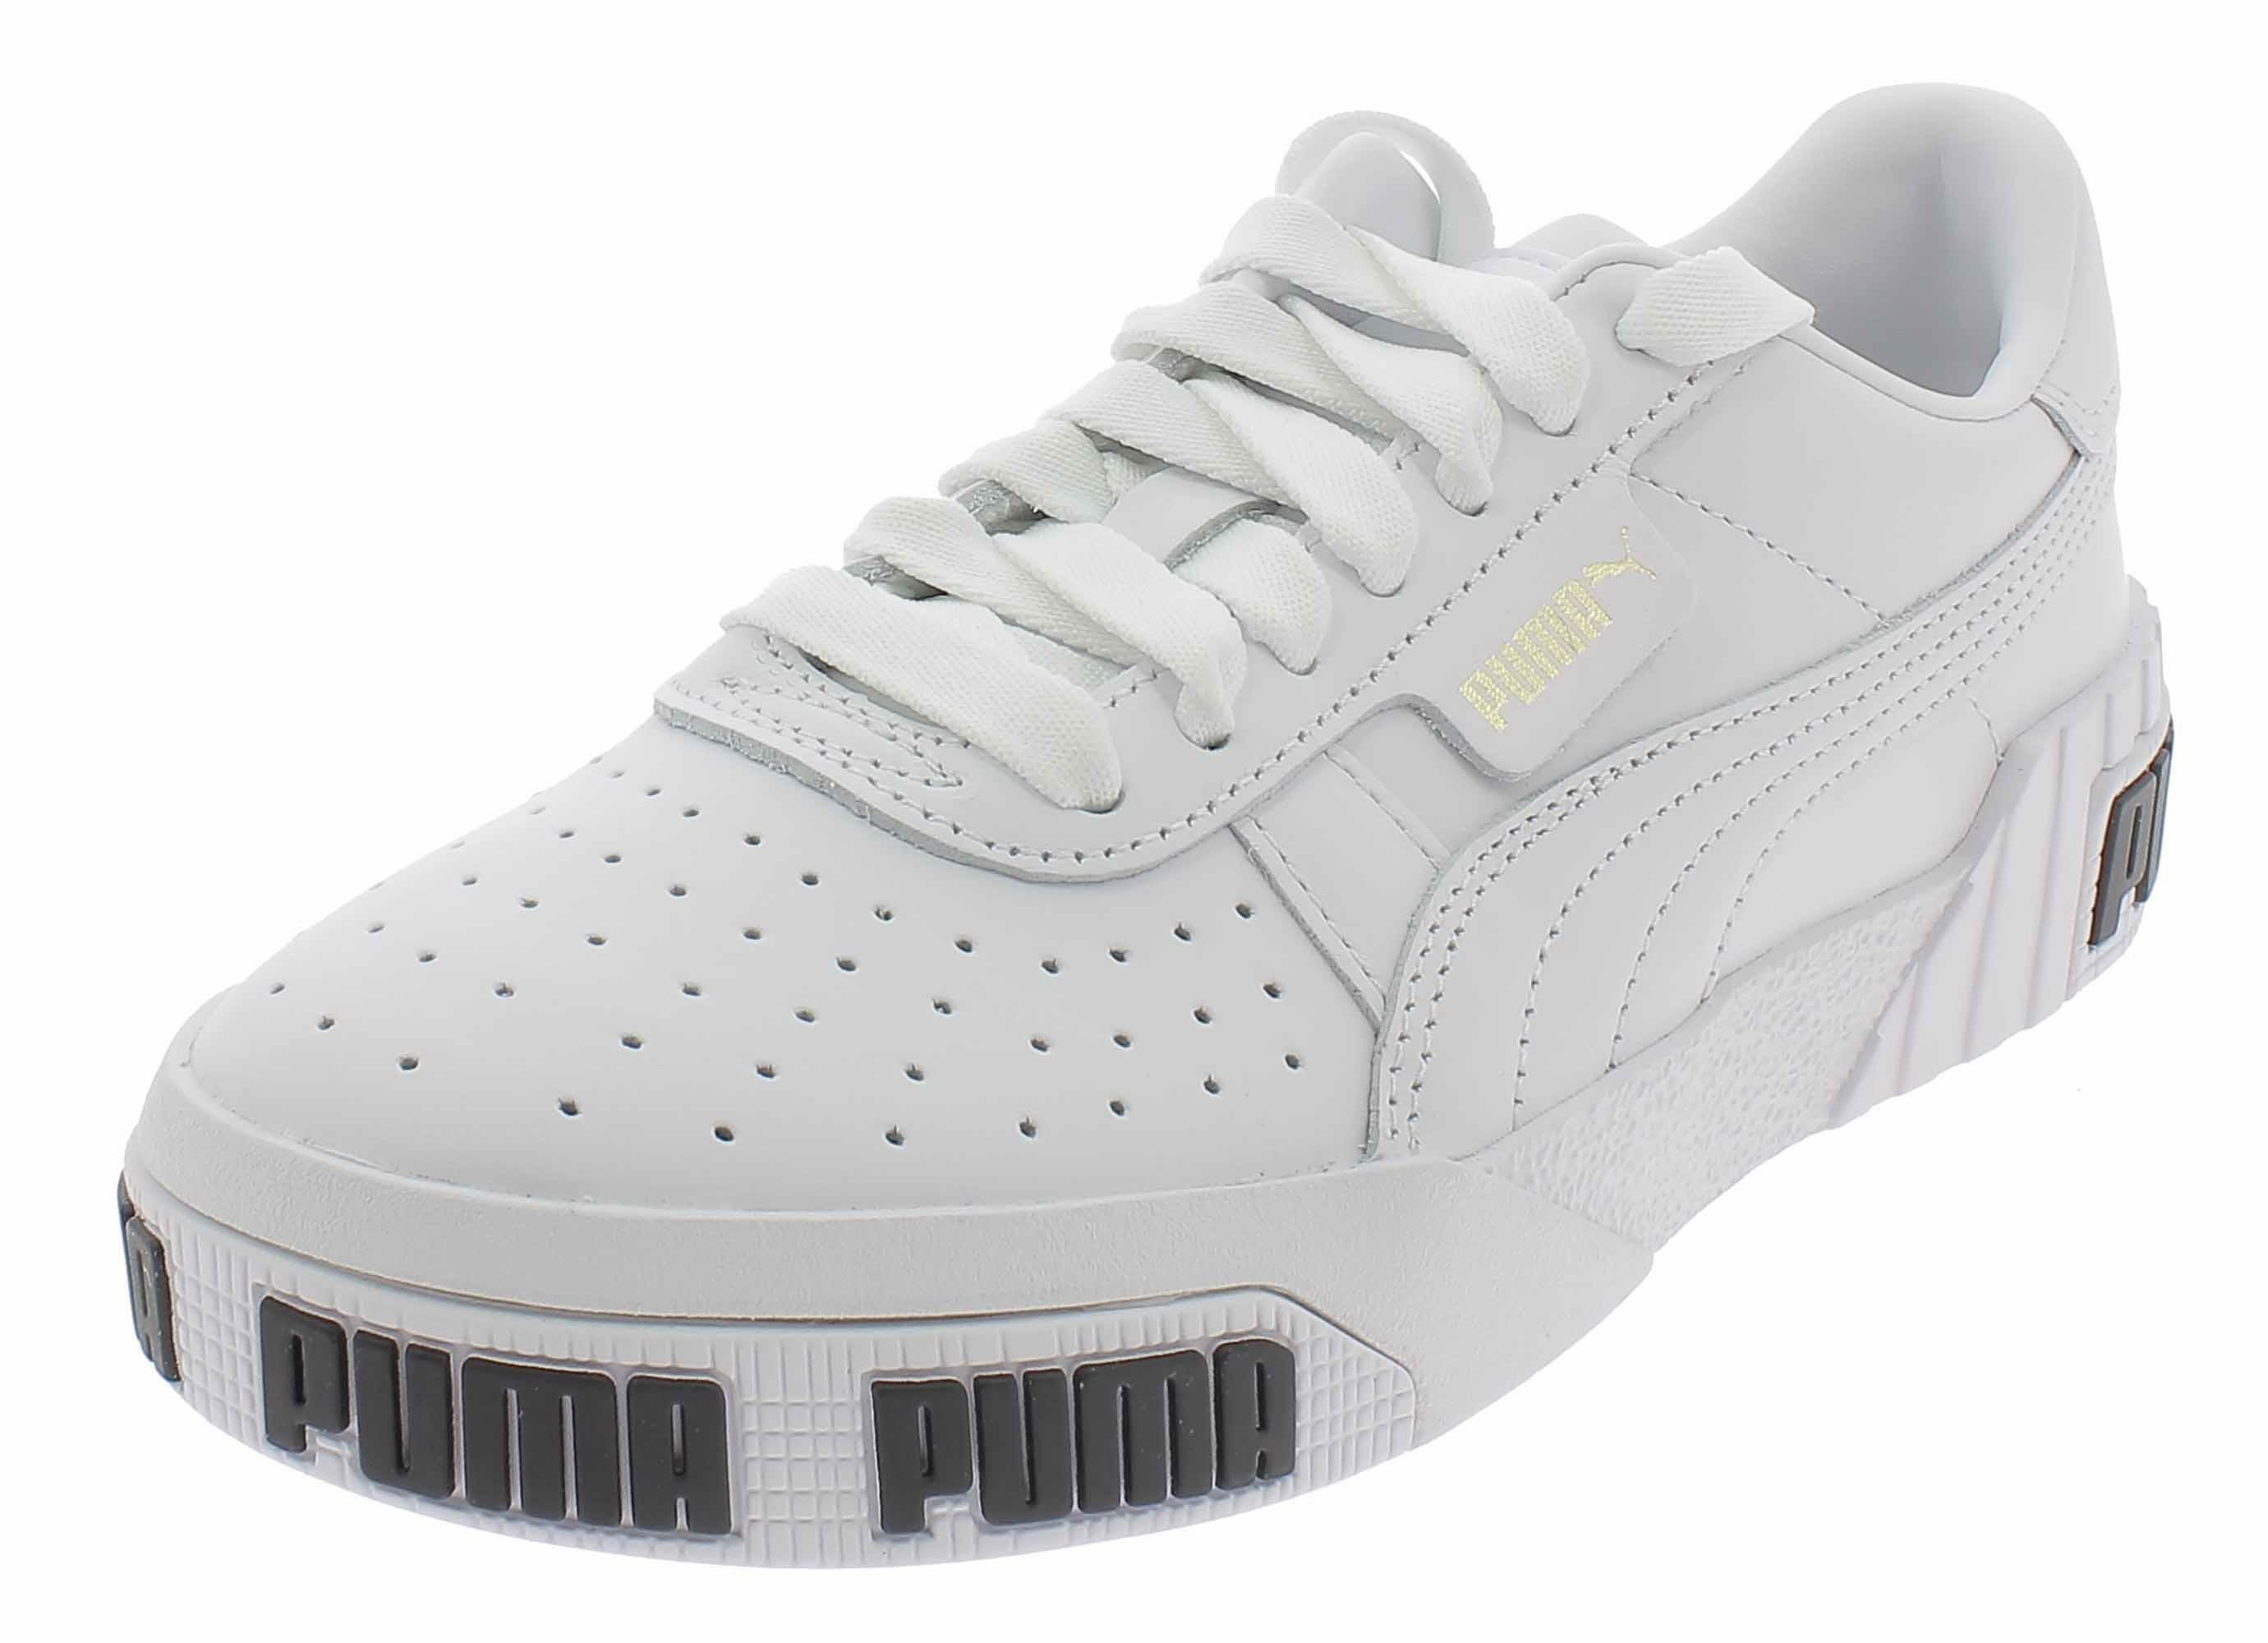 best loved da335 d52d5 Puma cali bold scarpe sportive donna bianche 37081101